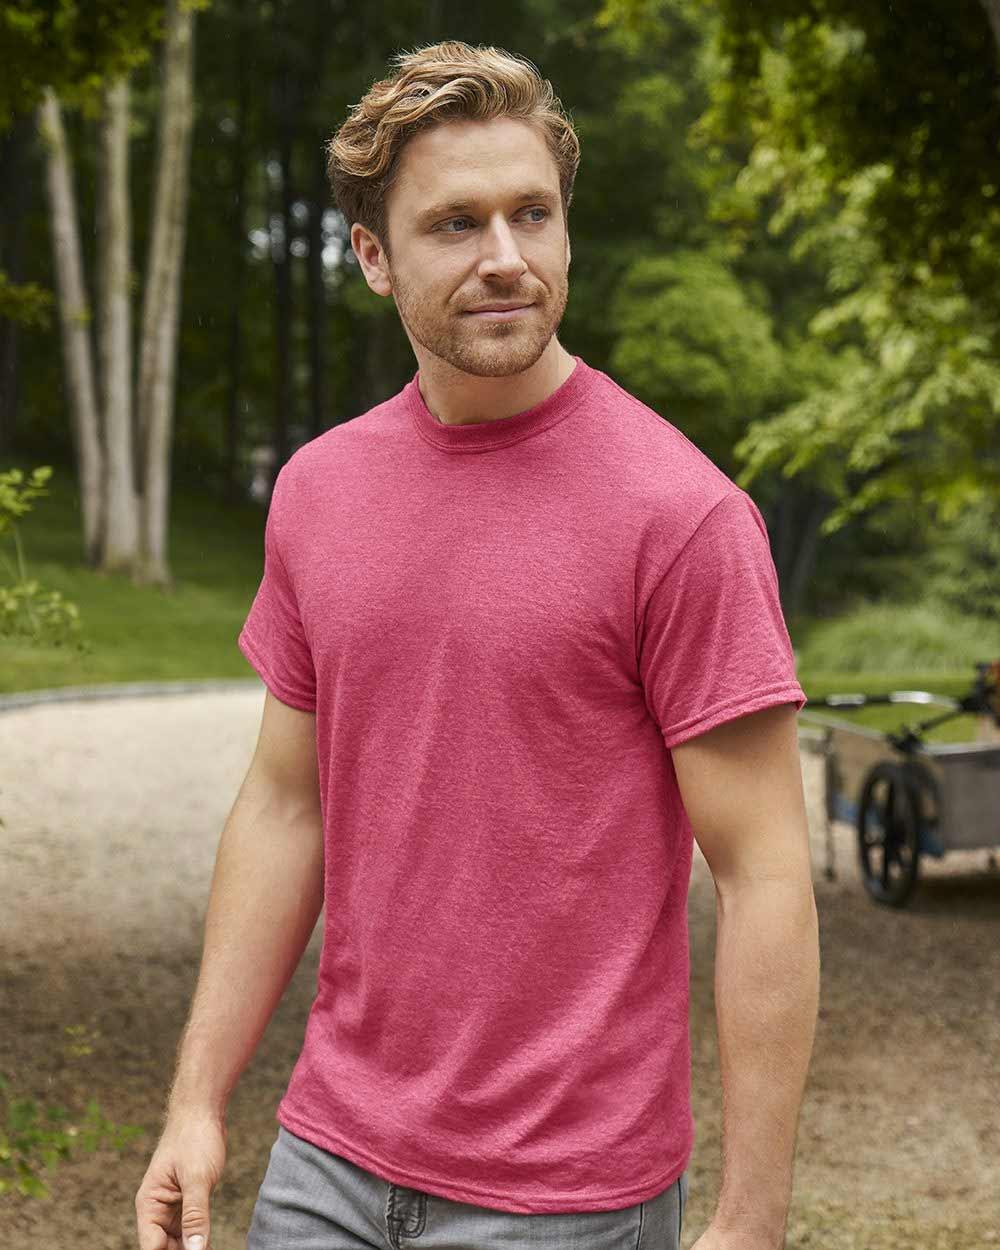 Gildan 8000 - DryBlend T-Shirt